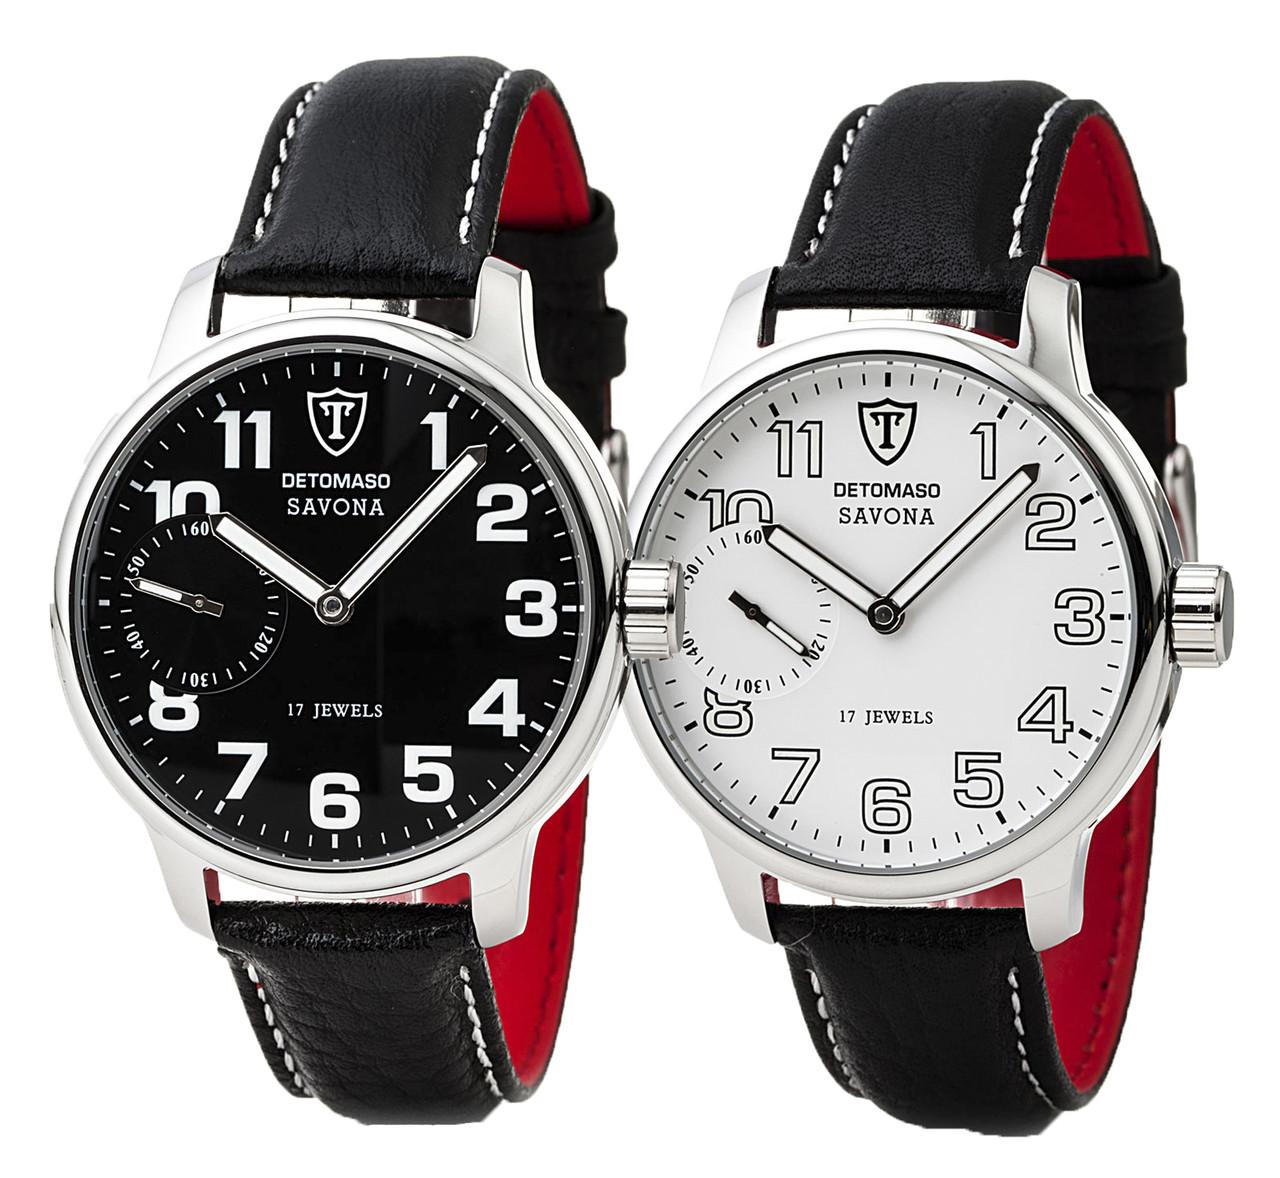 Часы detomaso купить женские наручные часы тиссот на браслете